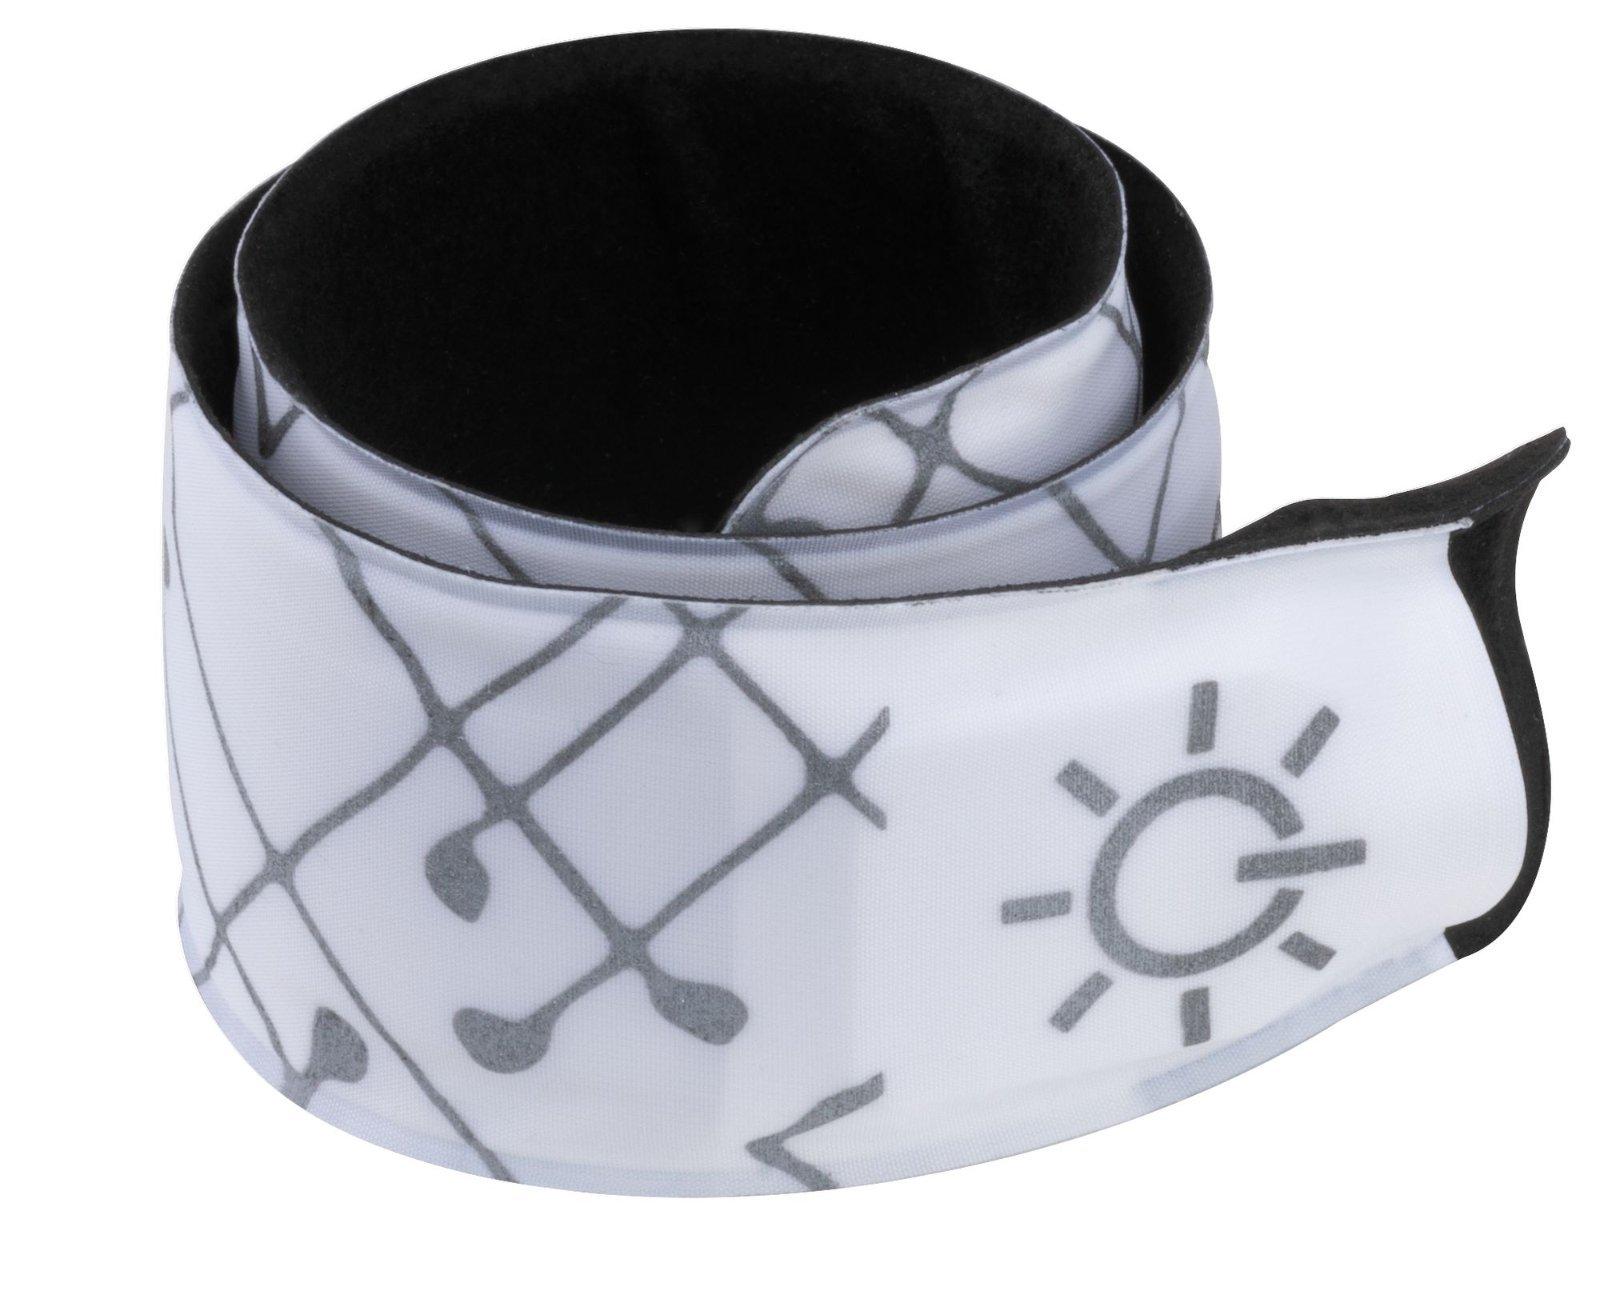 Светодиодное браслет со светодиодной подсветкой Paulmann Snap Band white nylon red 70970, LED 0,2W, белый, пластик - фото 3